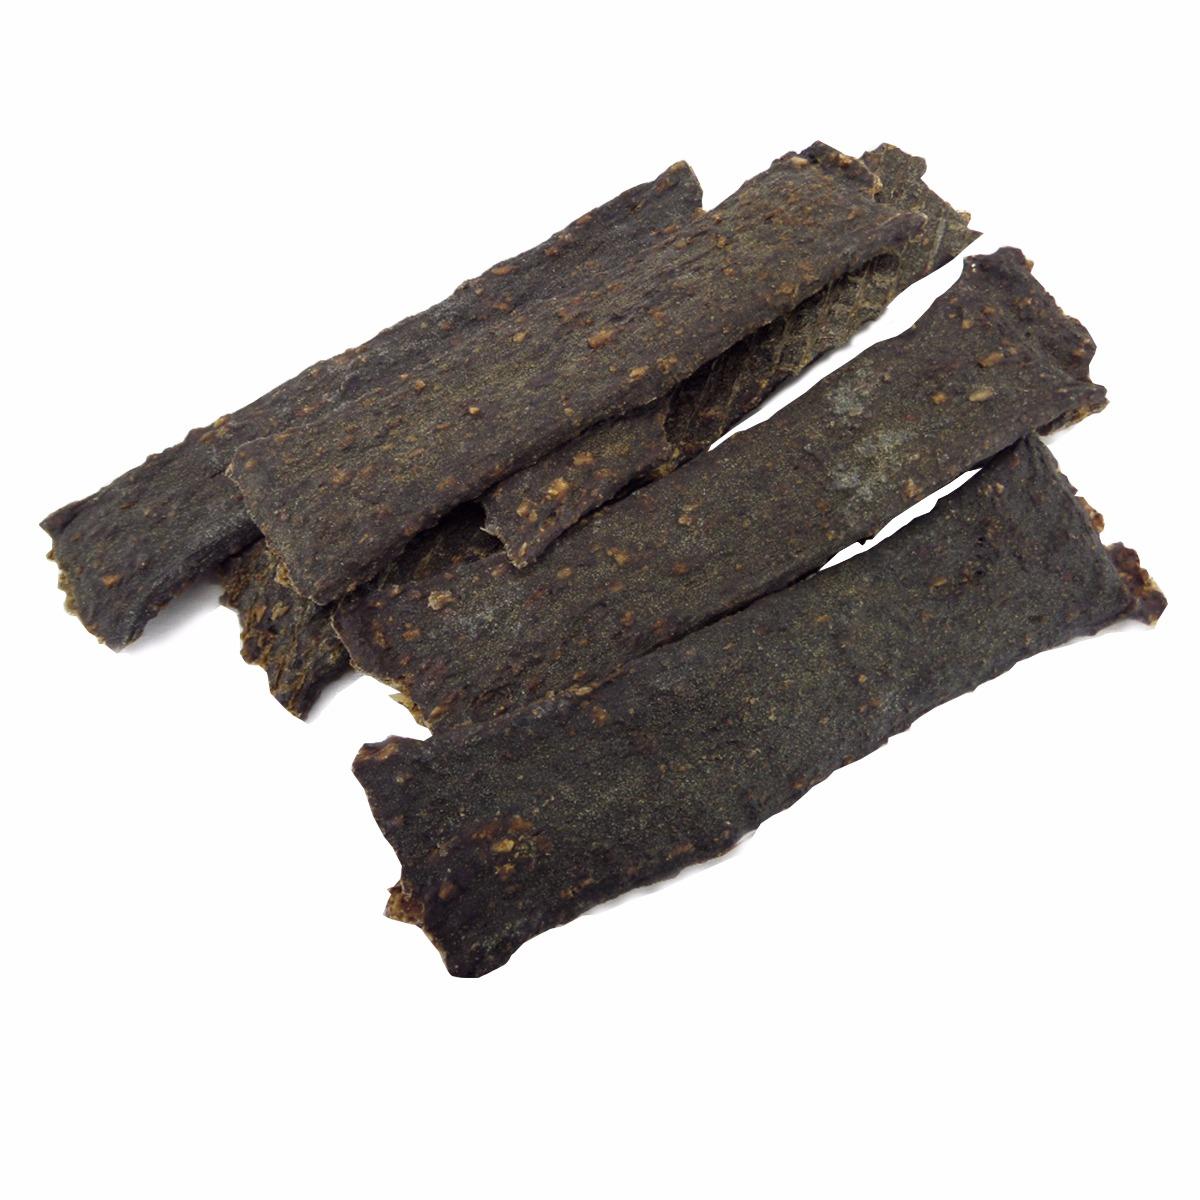 Deze strips van schapenvlees zijn een smakelijke snack voor de allergische hond. De schapenvleesstrips bevatten alleen 100% schapenvlees. De vleesstrips zijn eenvoudig in kleinere stukken te breken waardoor ze naast als kauwsnack ook als beloningssnoepjes kunnen worden gebruikt.  Hondensnack van schapenvlees Geen geur- kleur- smaakstoffen Graanvrij; 100% schapenvlees  Inhoud: 100 gram